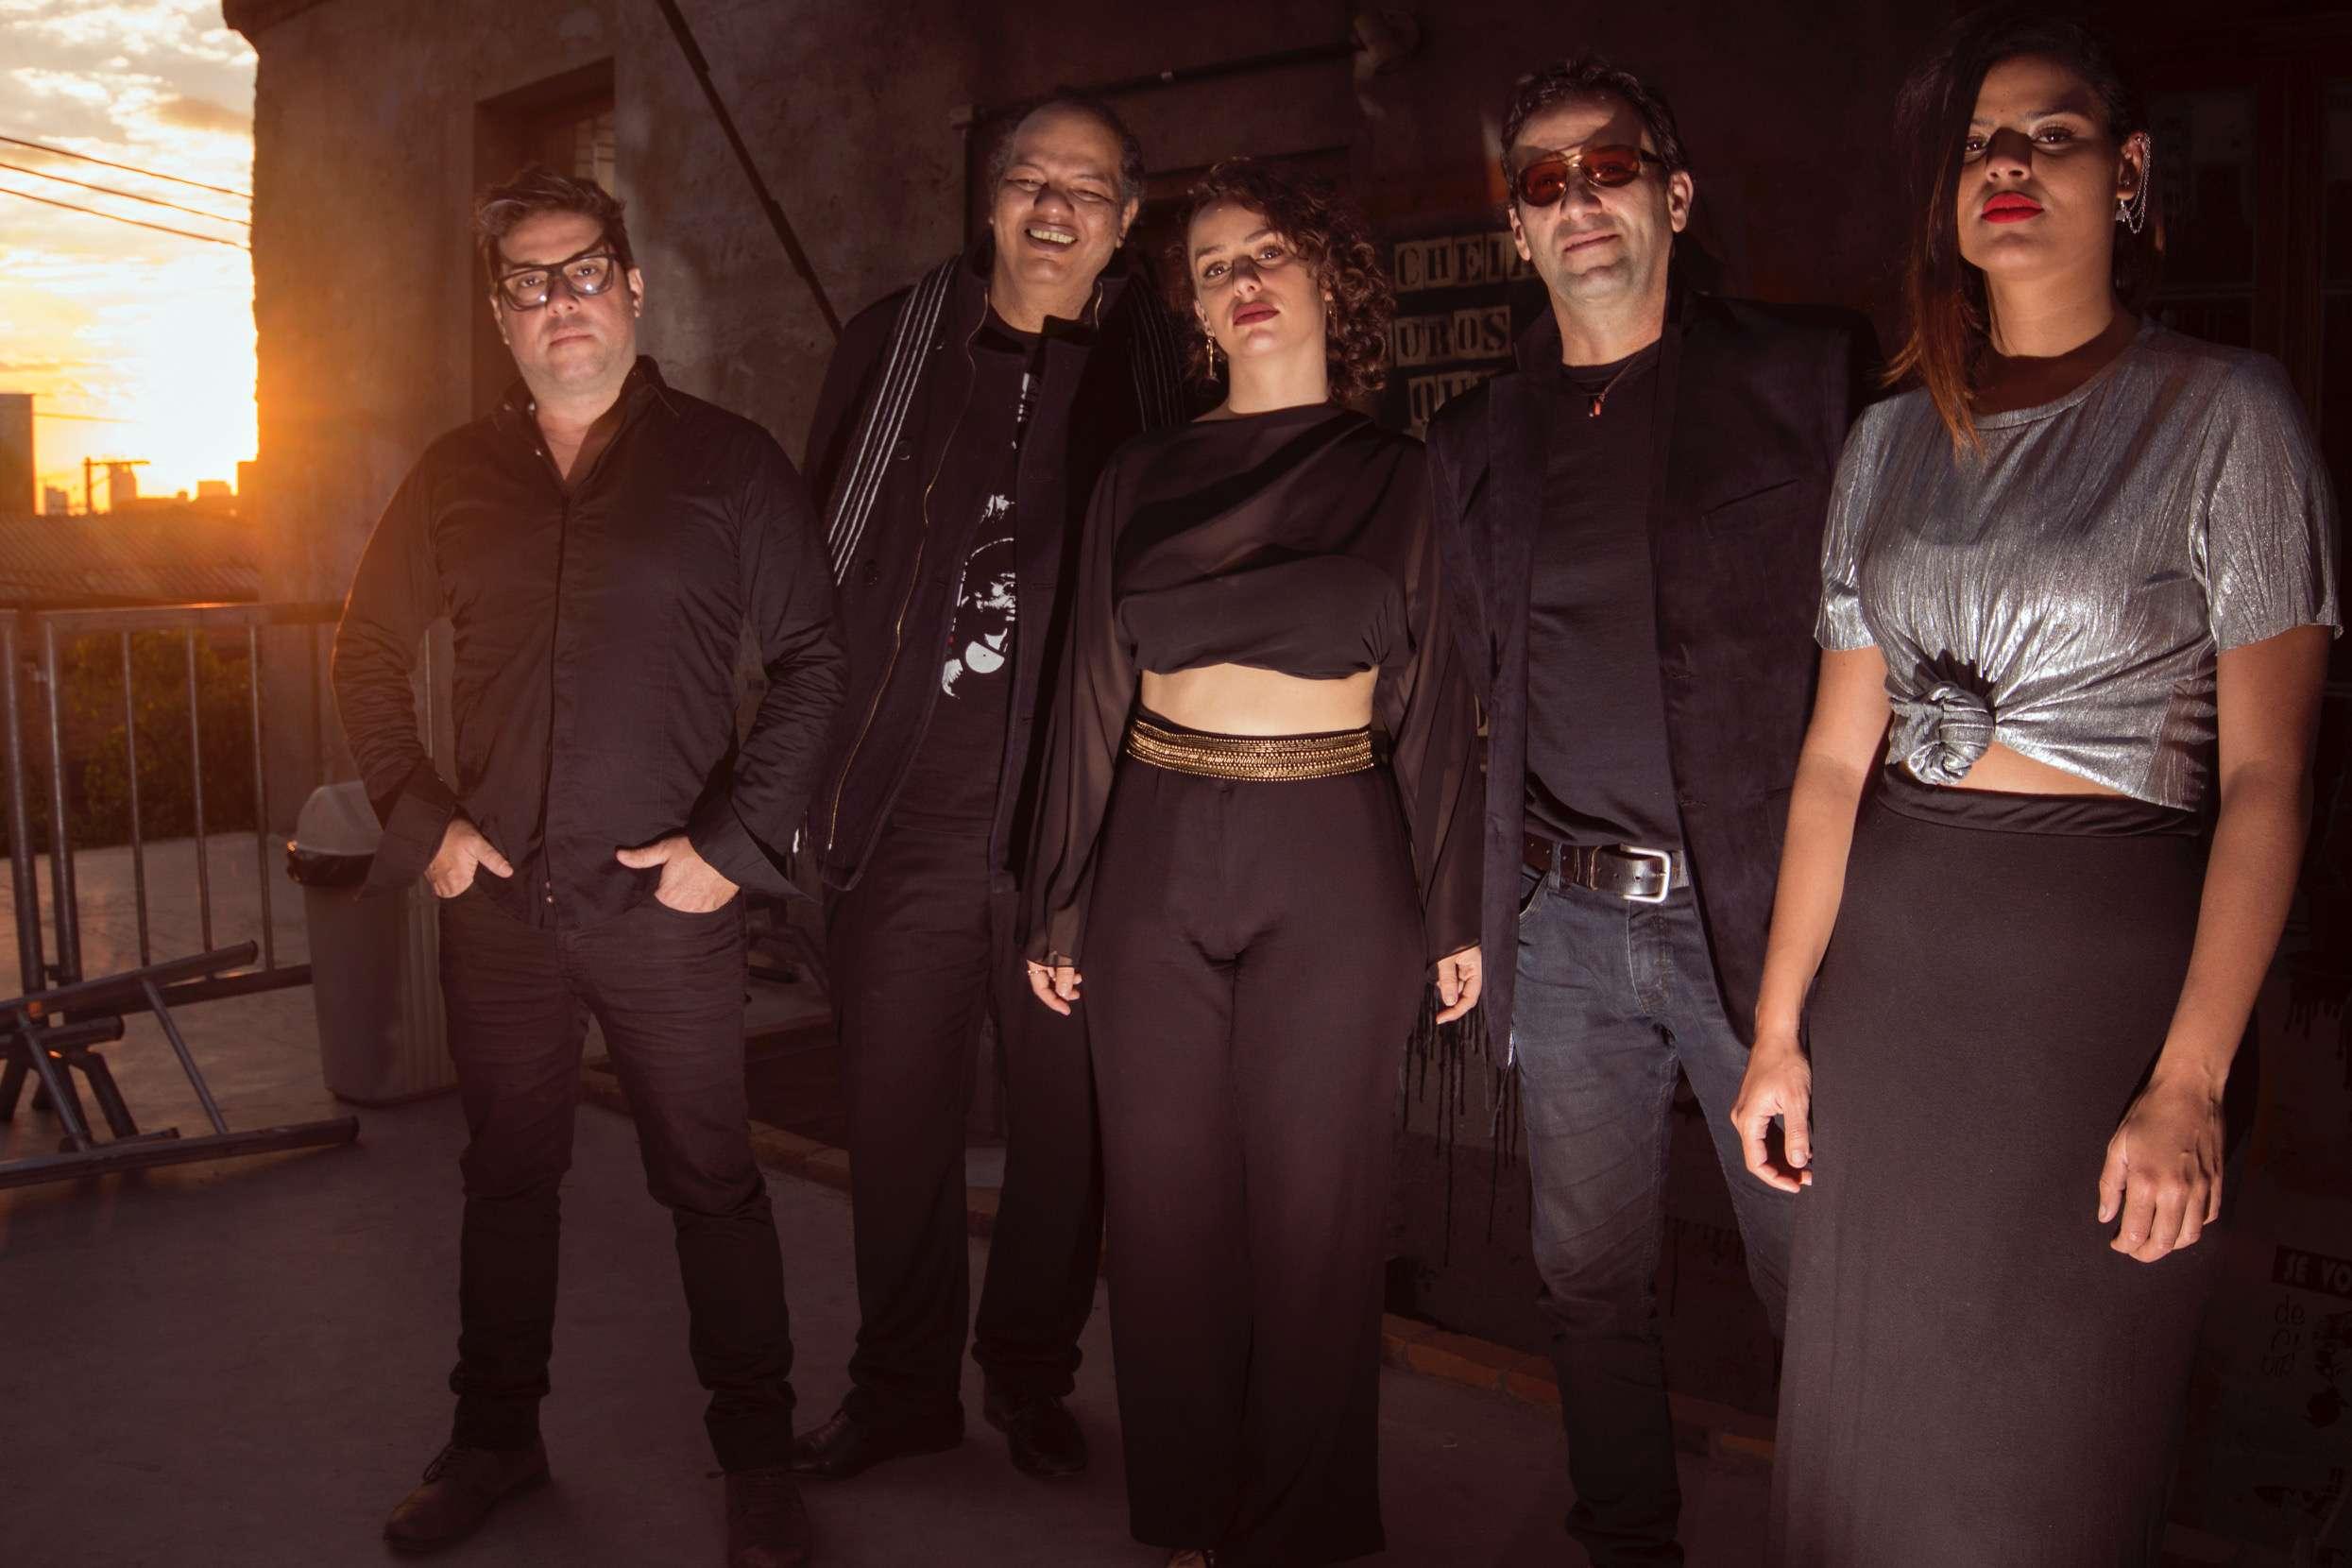 Projeto BLACK BEATLES do quarteto fantástico